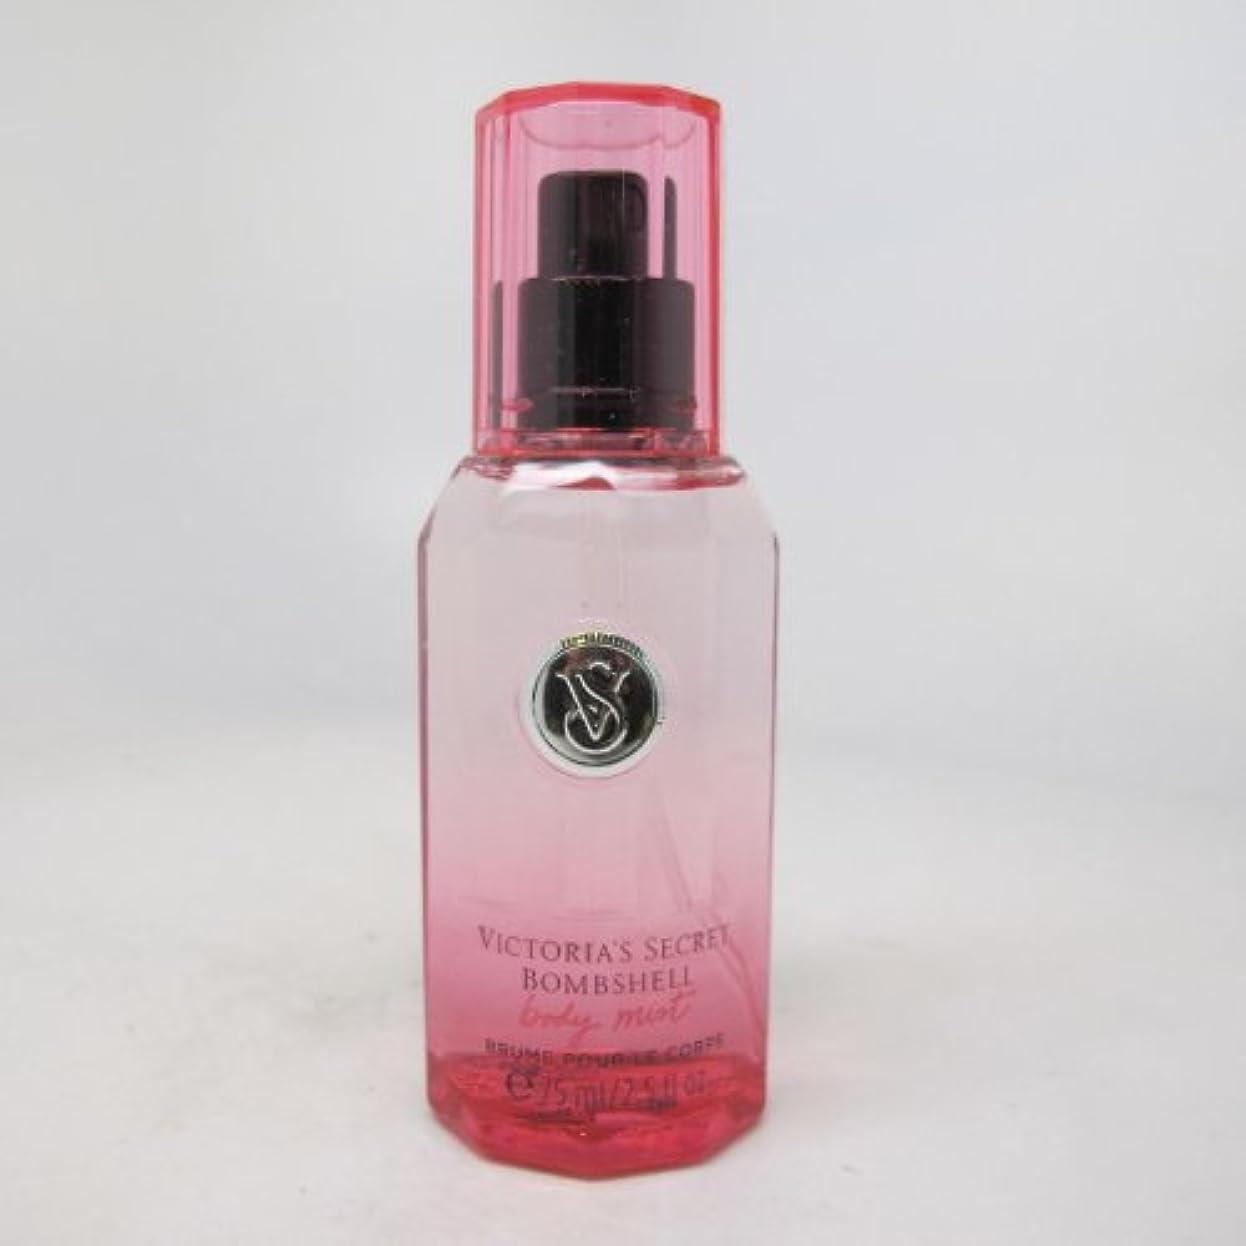 キュービック含む推定Bombshell (ボム シェル) 2.5 oz (75ml) Body Mist by Victoria Secret for Women[海外直送品]